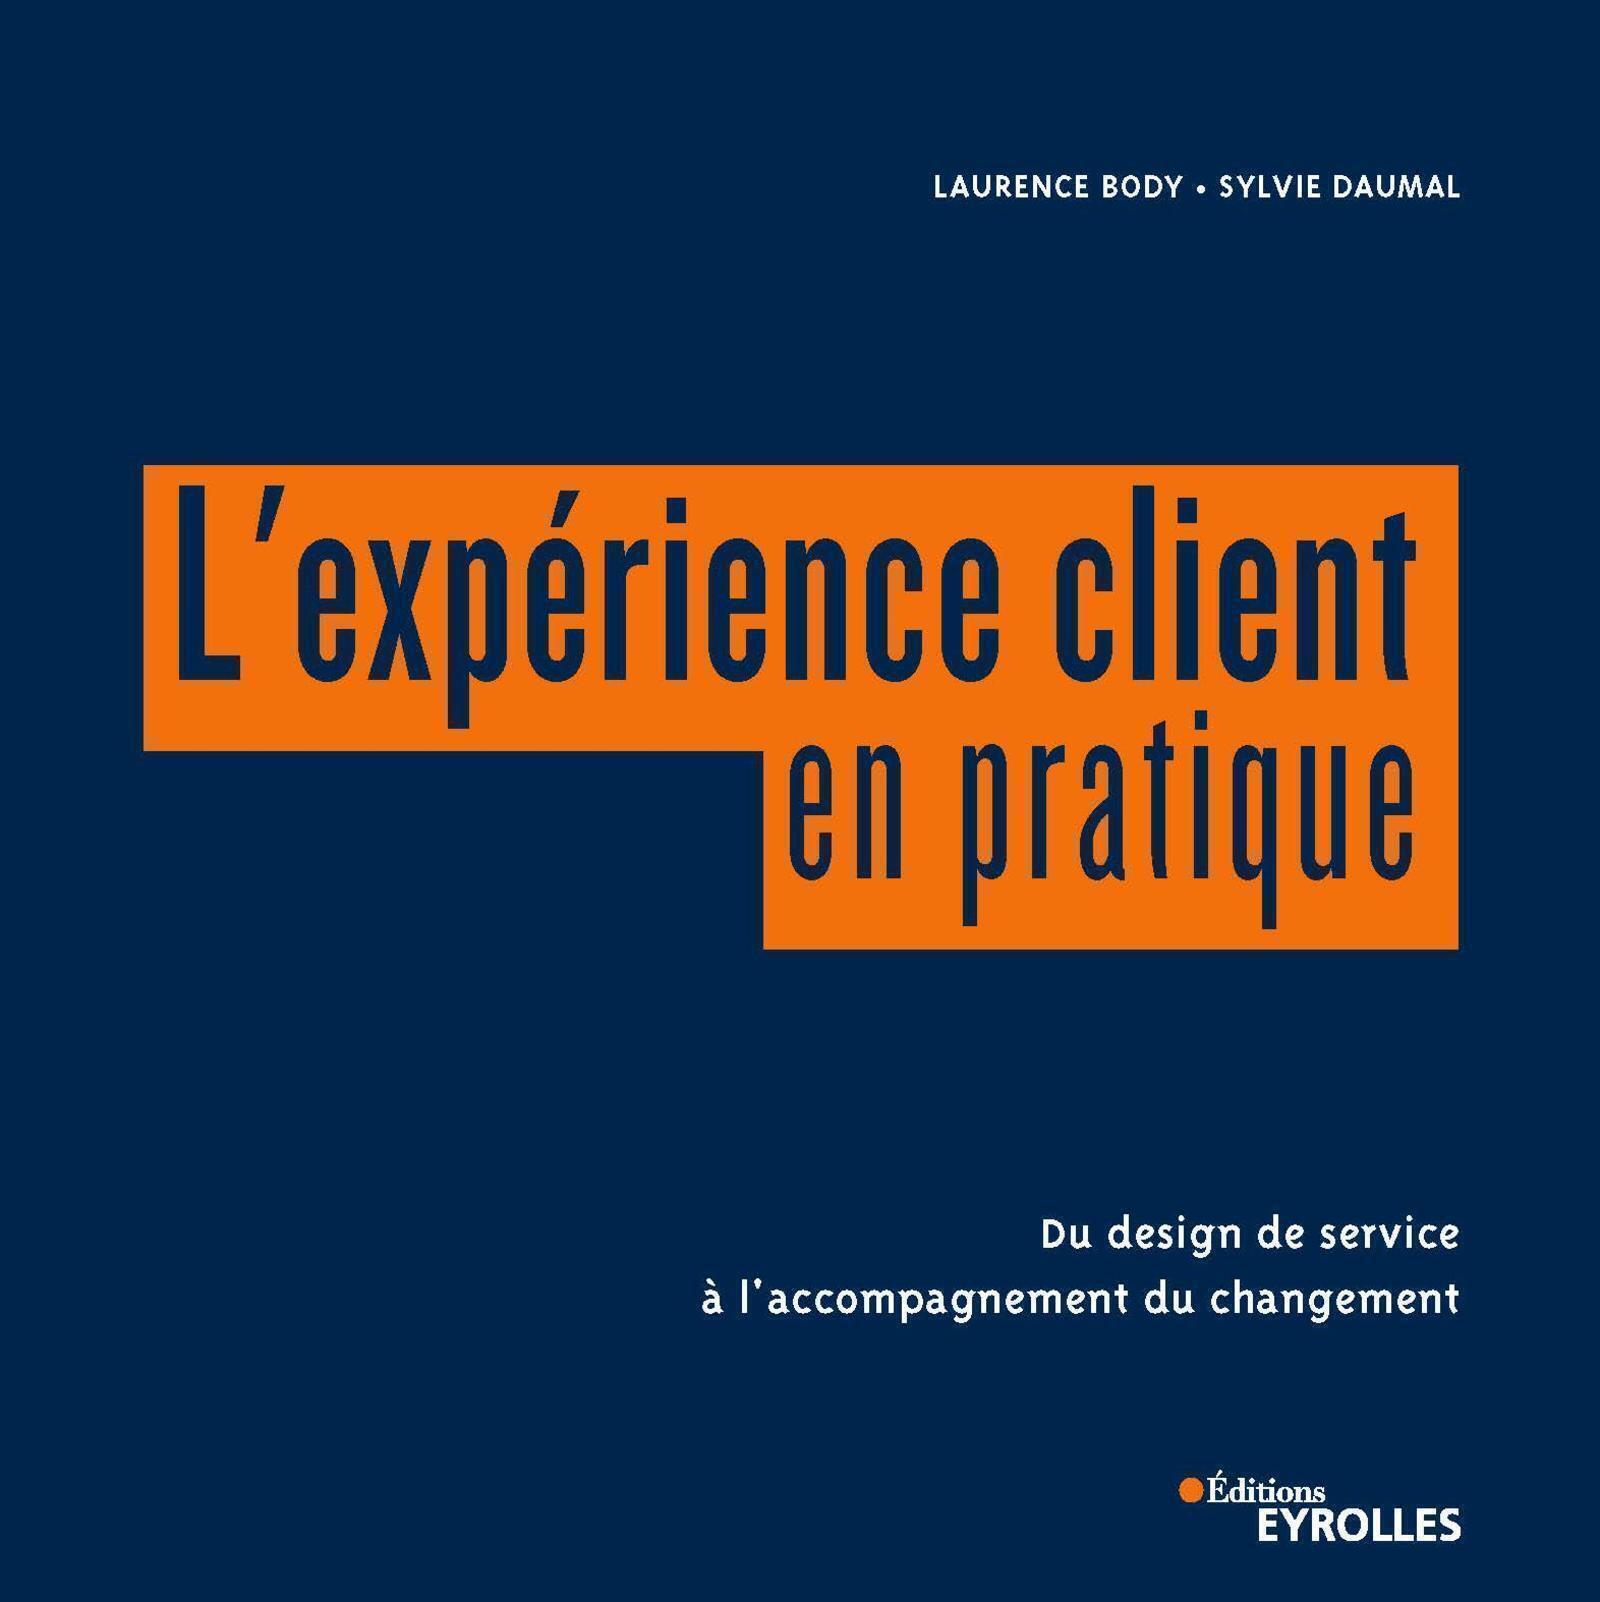 L'EXPERIENCE CLIENT EN PRATIQUE - DU DESIGN DE SERVICE A L'ACCOMPAGNEMENT DU CHANGEMENT